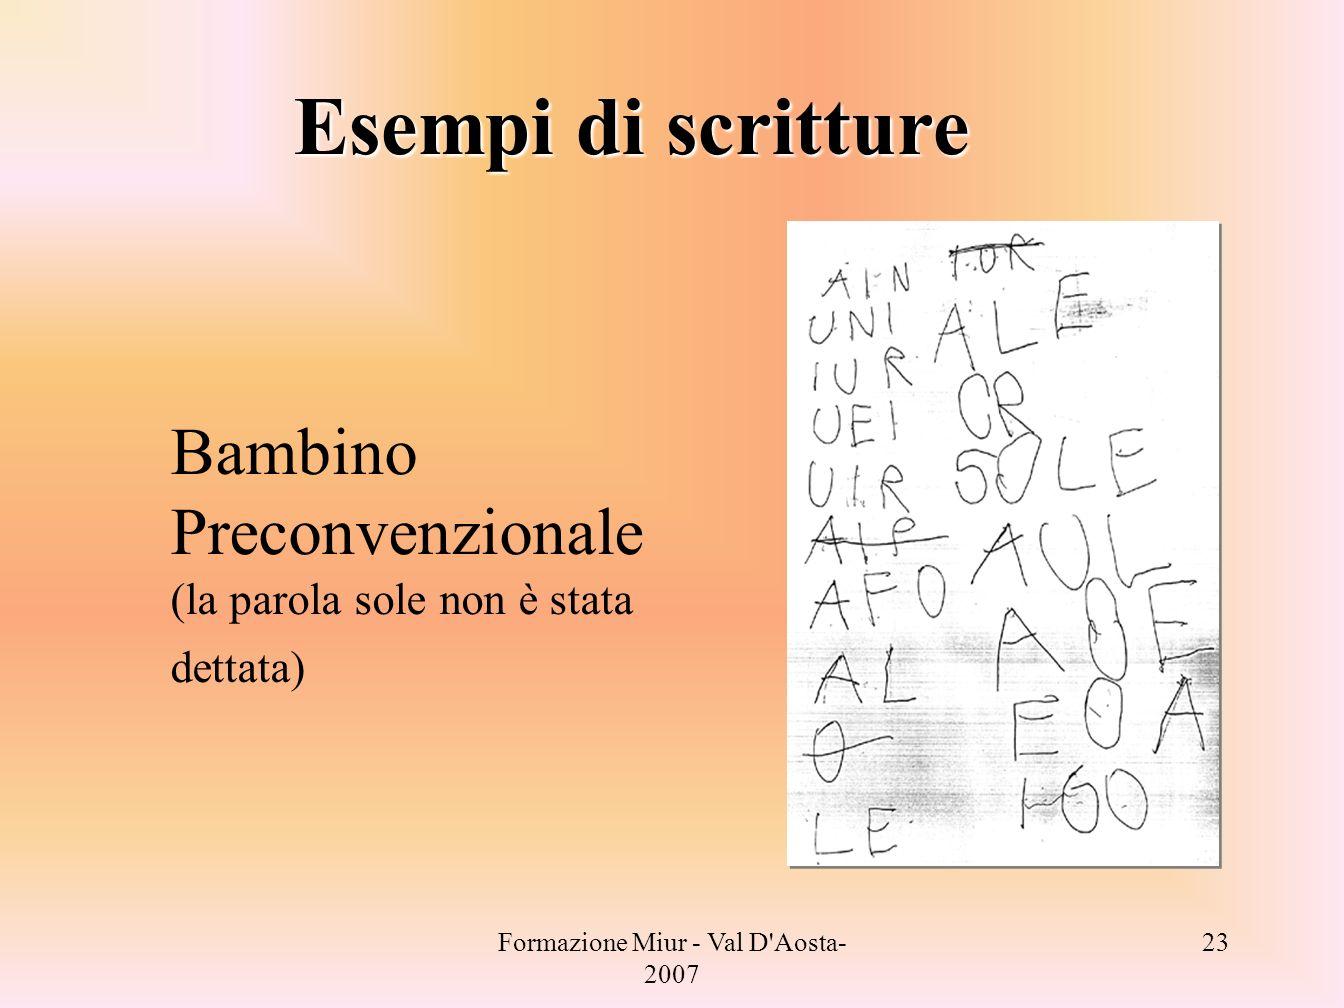 Formazione Miur - Puglia- 2006